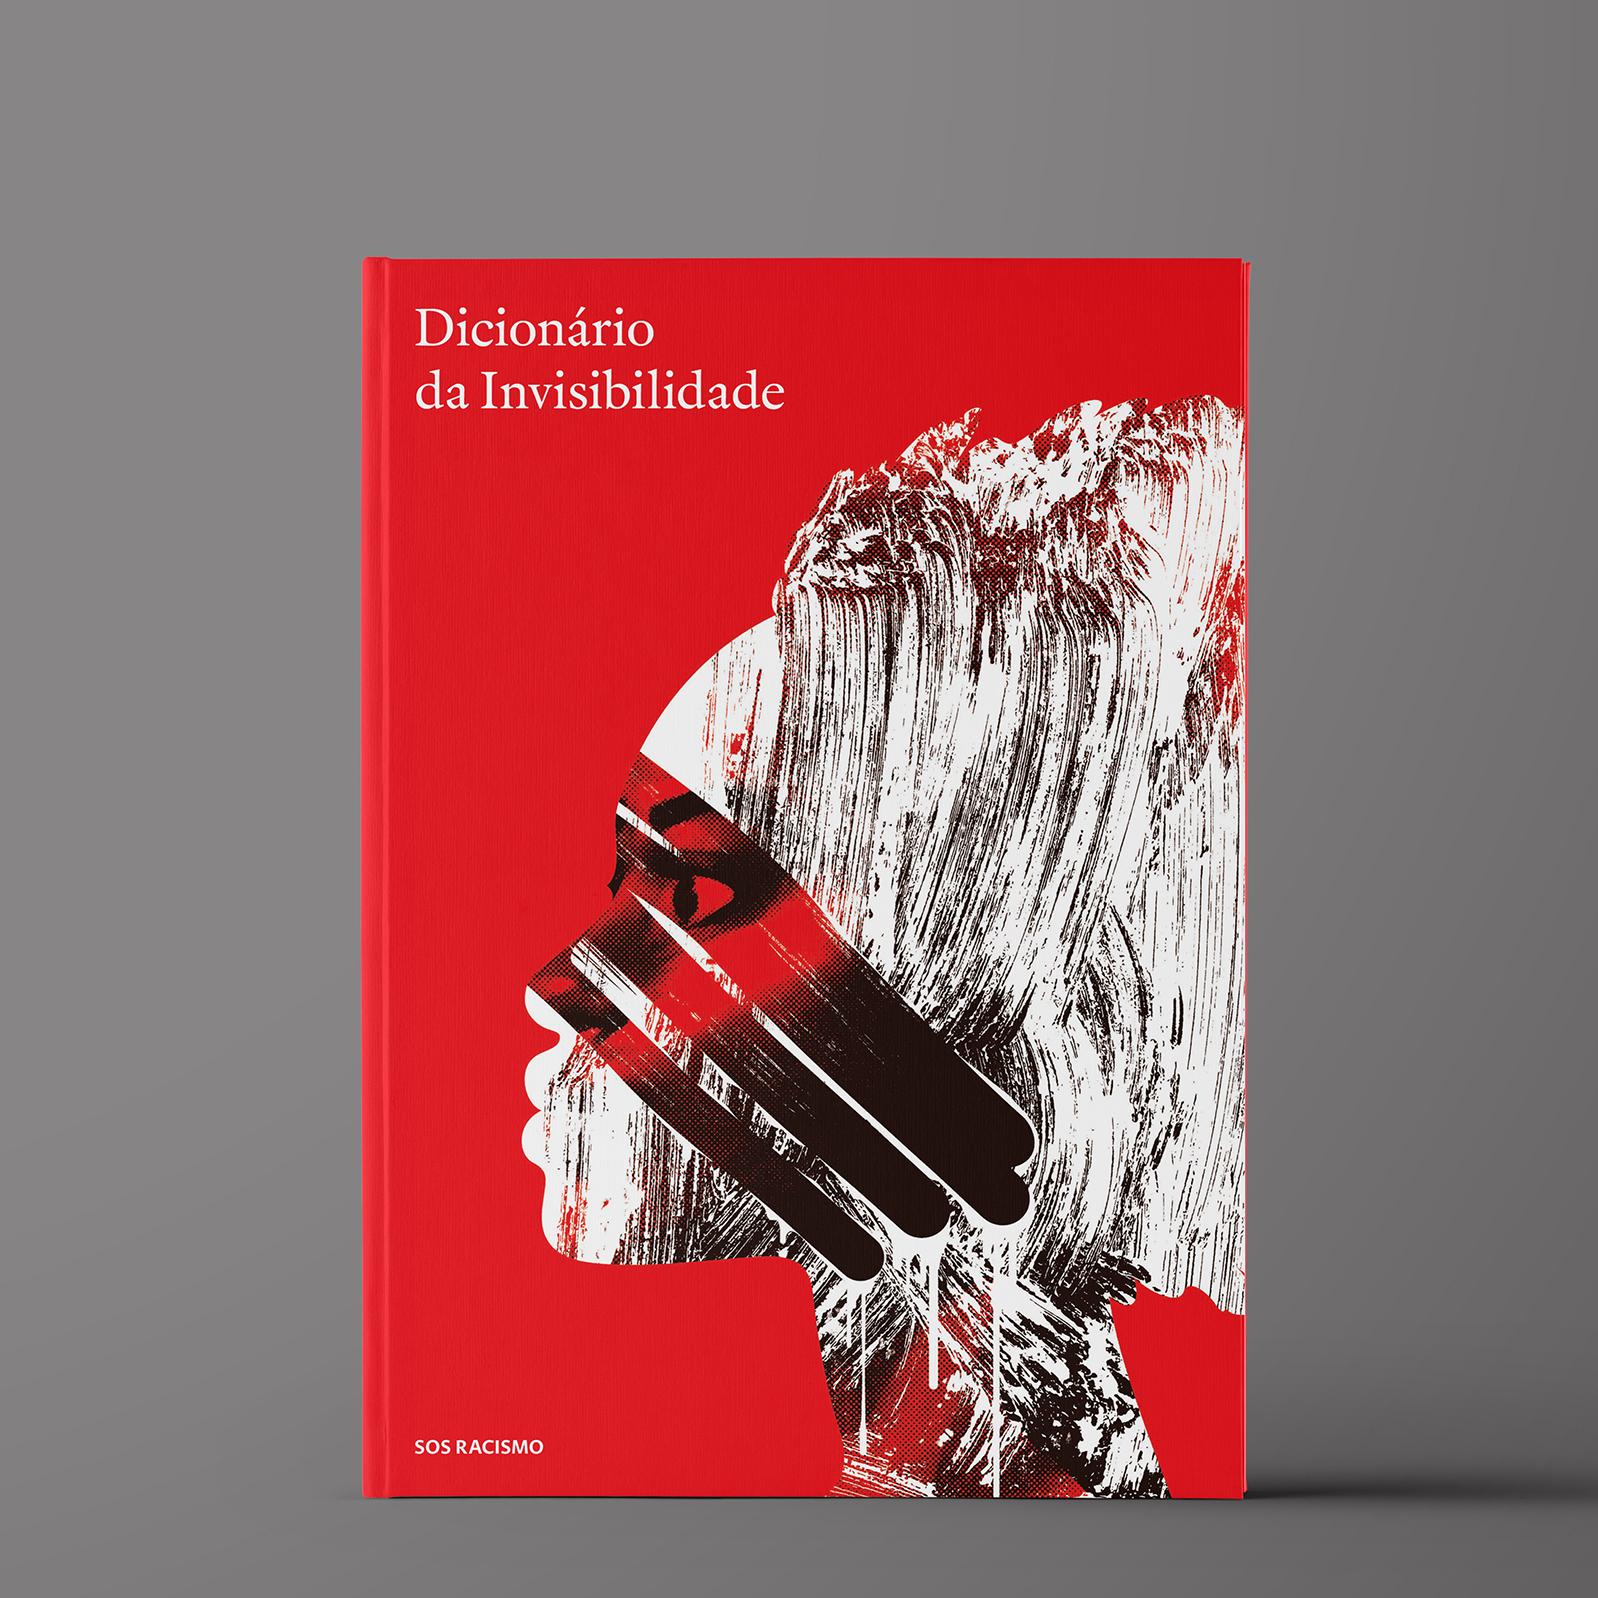 Dicionário da Invisibilidade